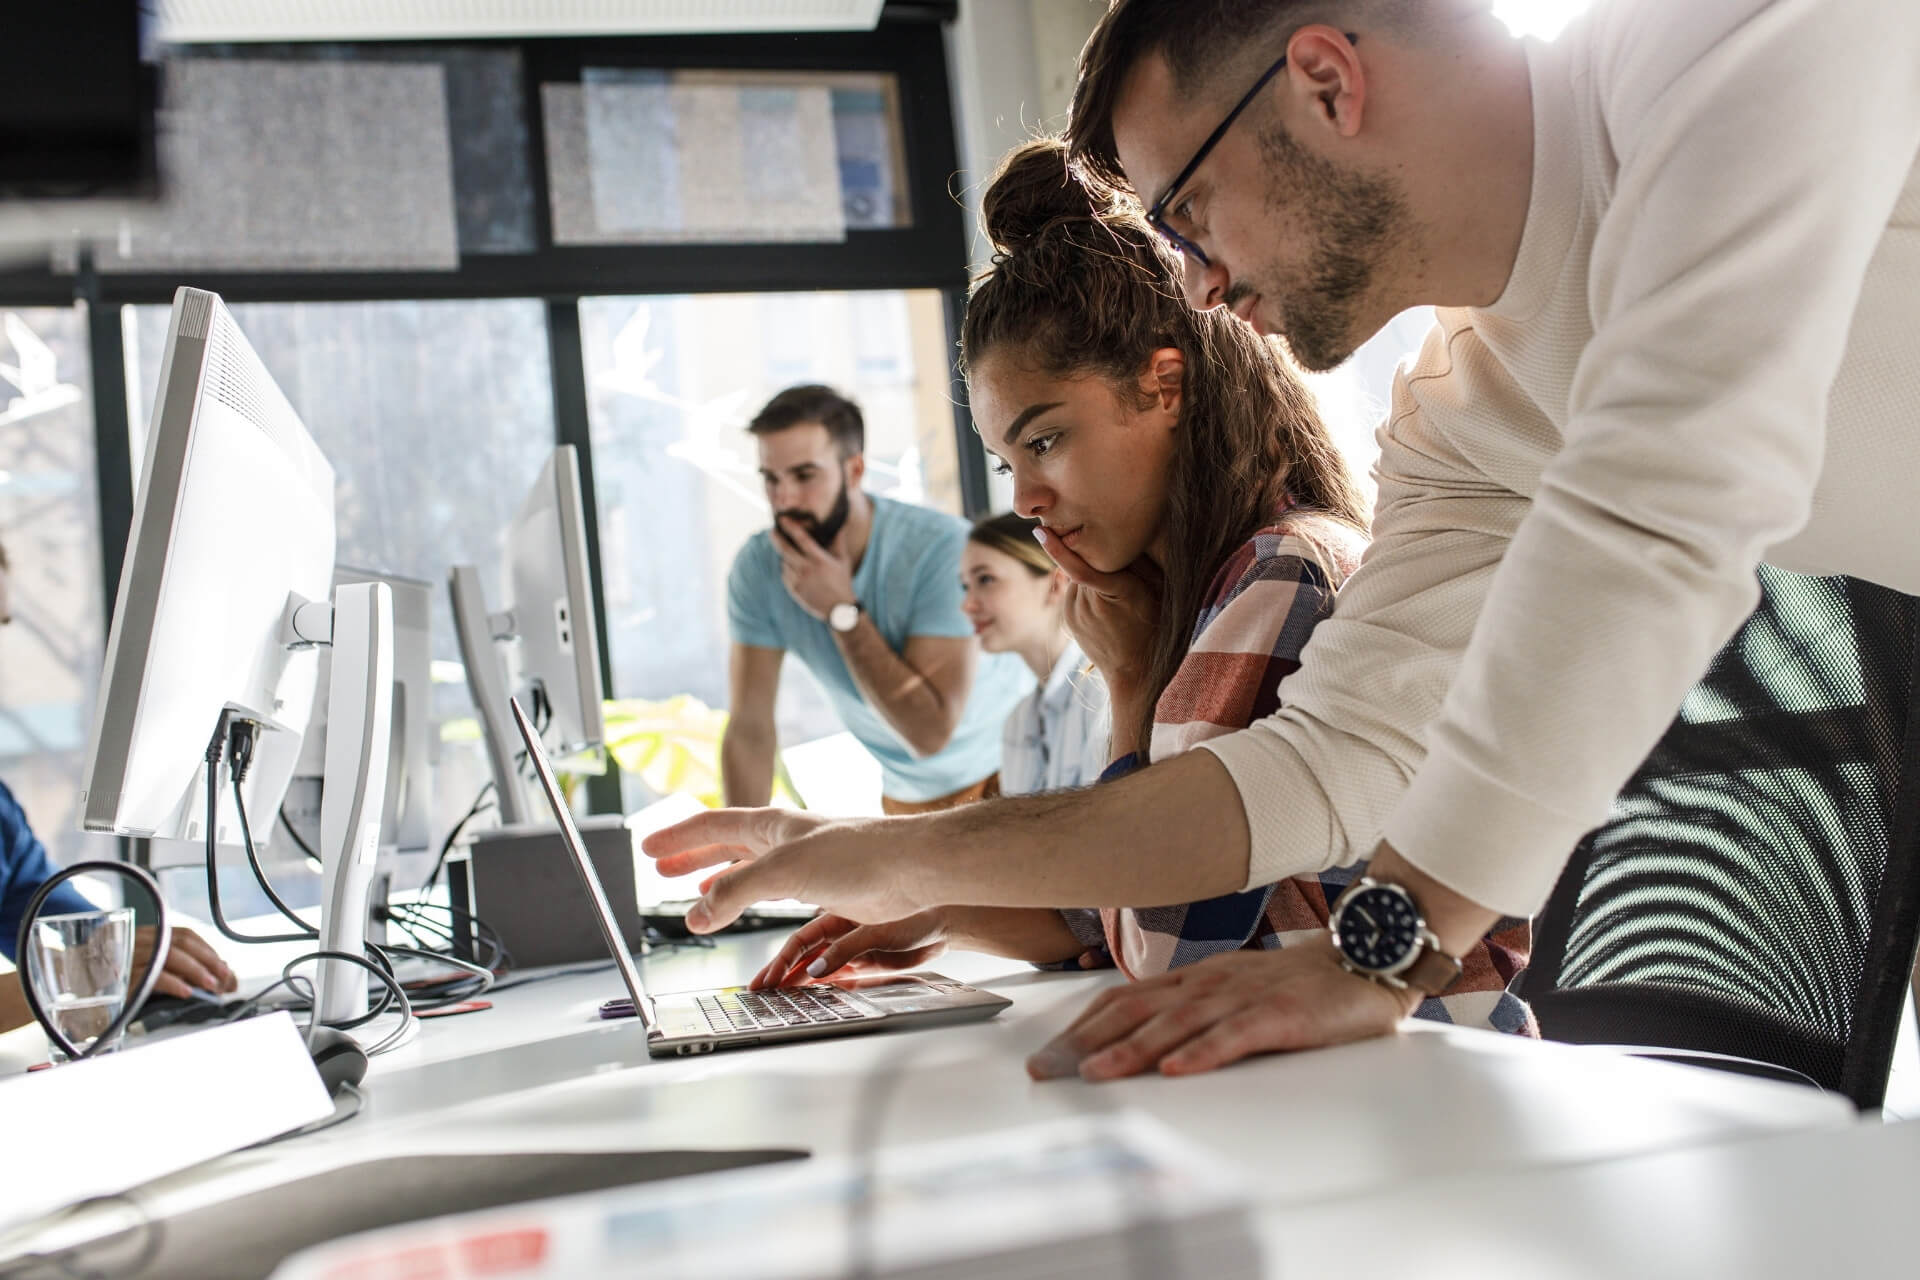 Equipe De Trabalho Reunida No Computador Entendendo O Que é Marca Empregadora.